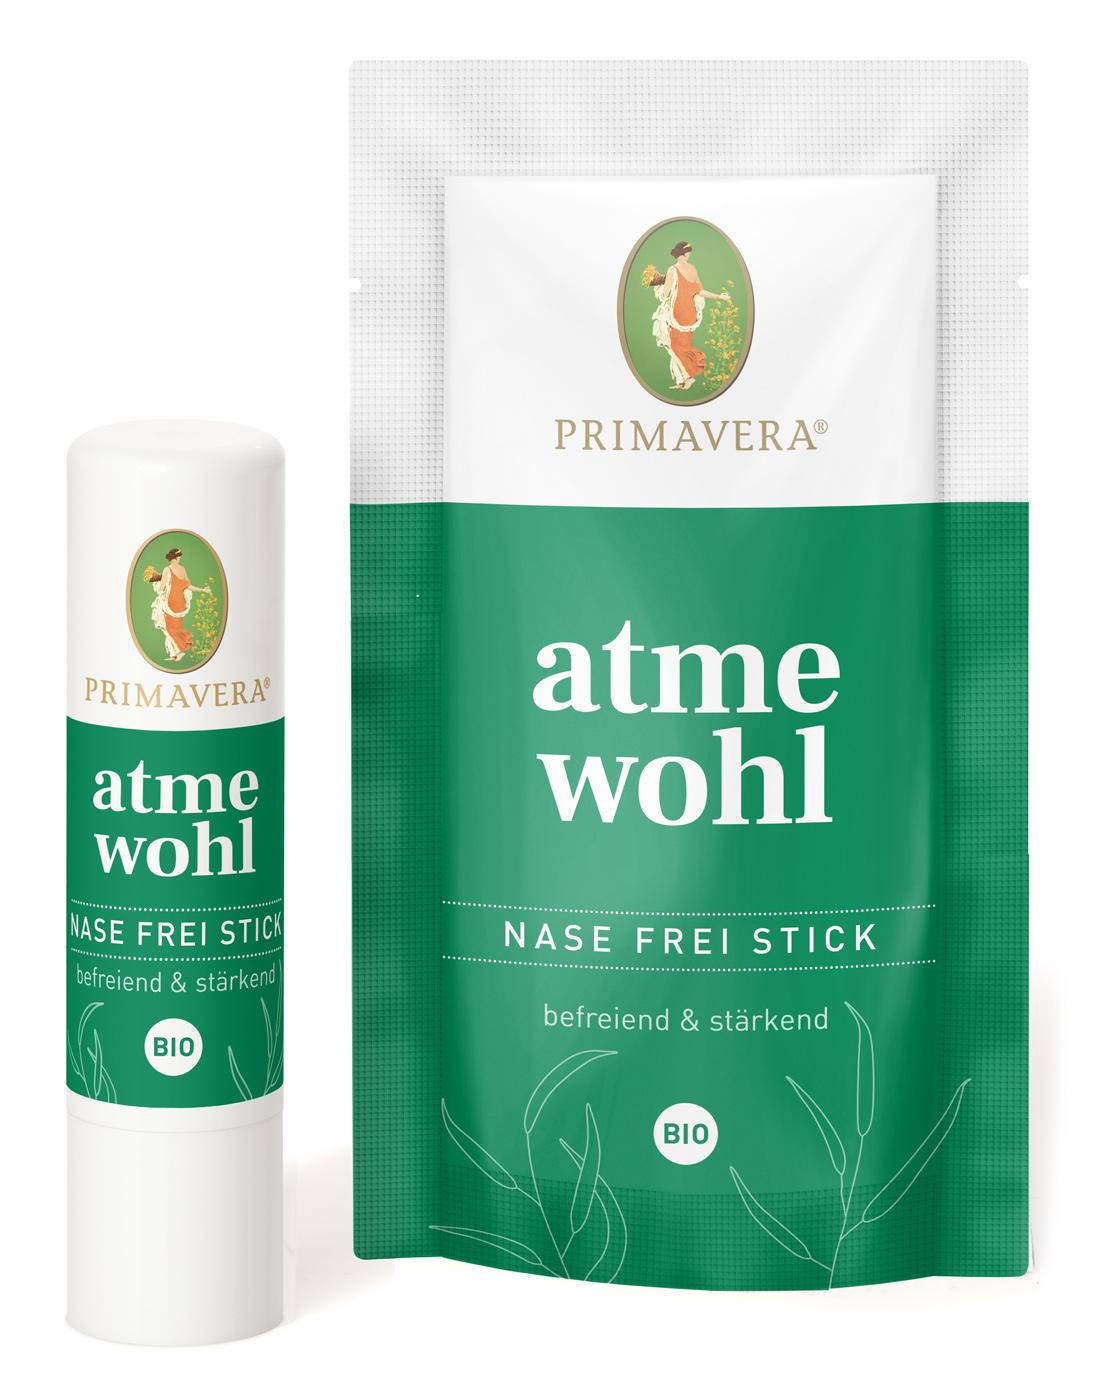 Bio Atmewohl Nase frei Stick, 10 ml